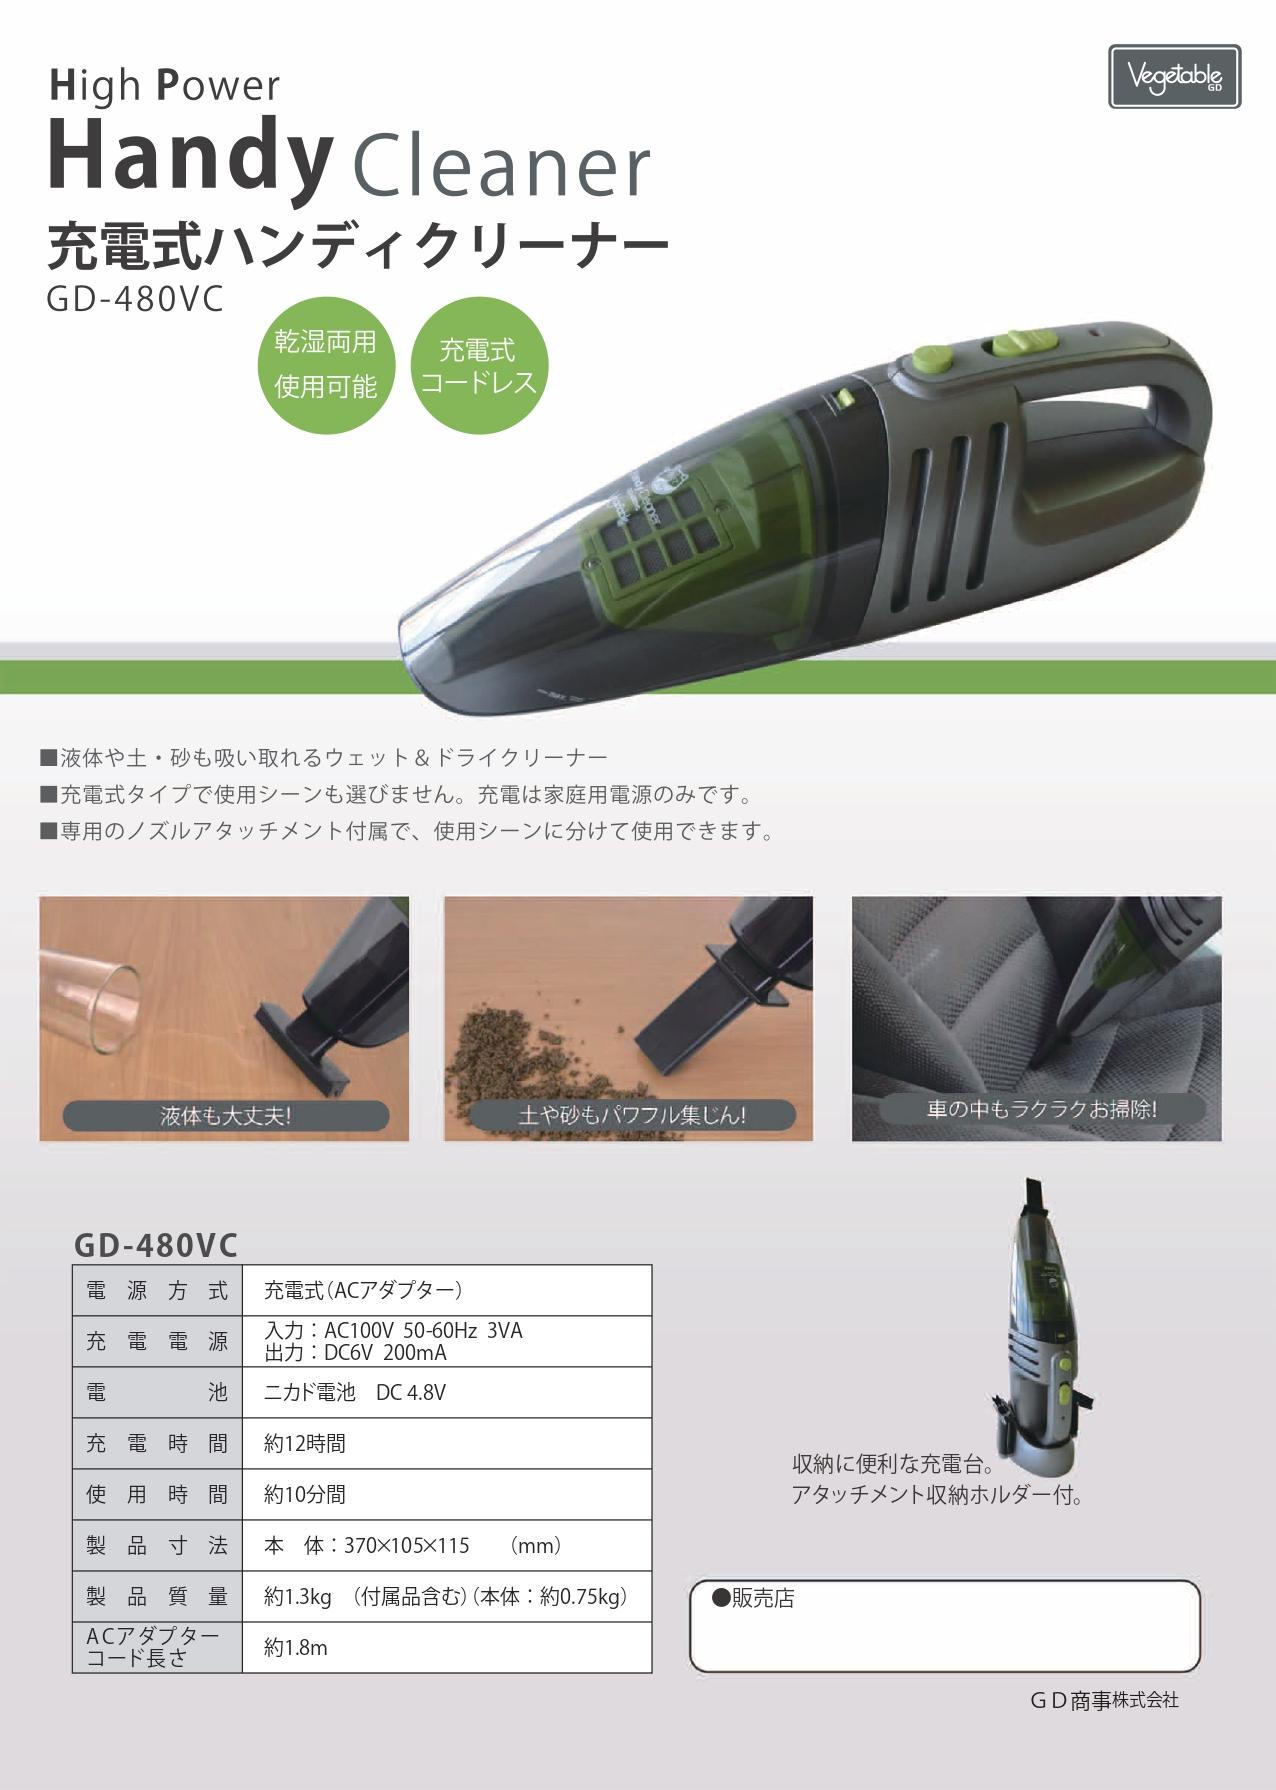 GD-480VC